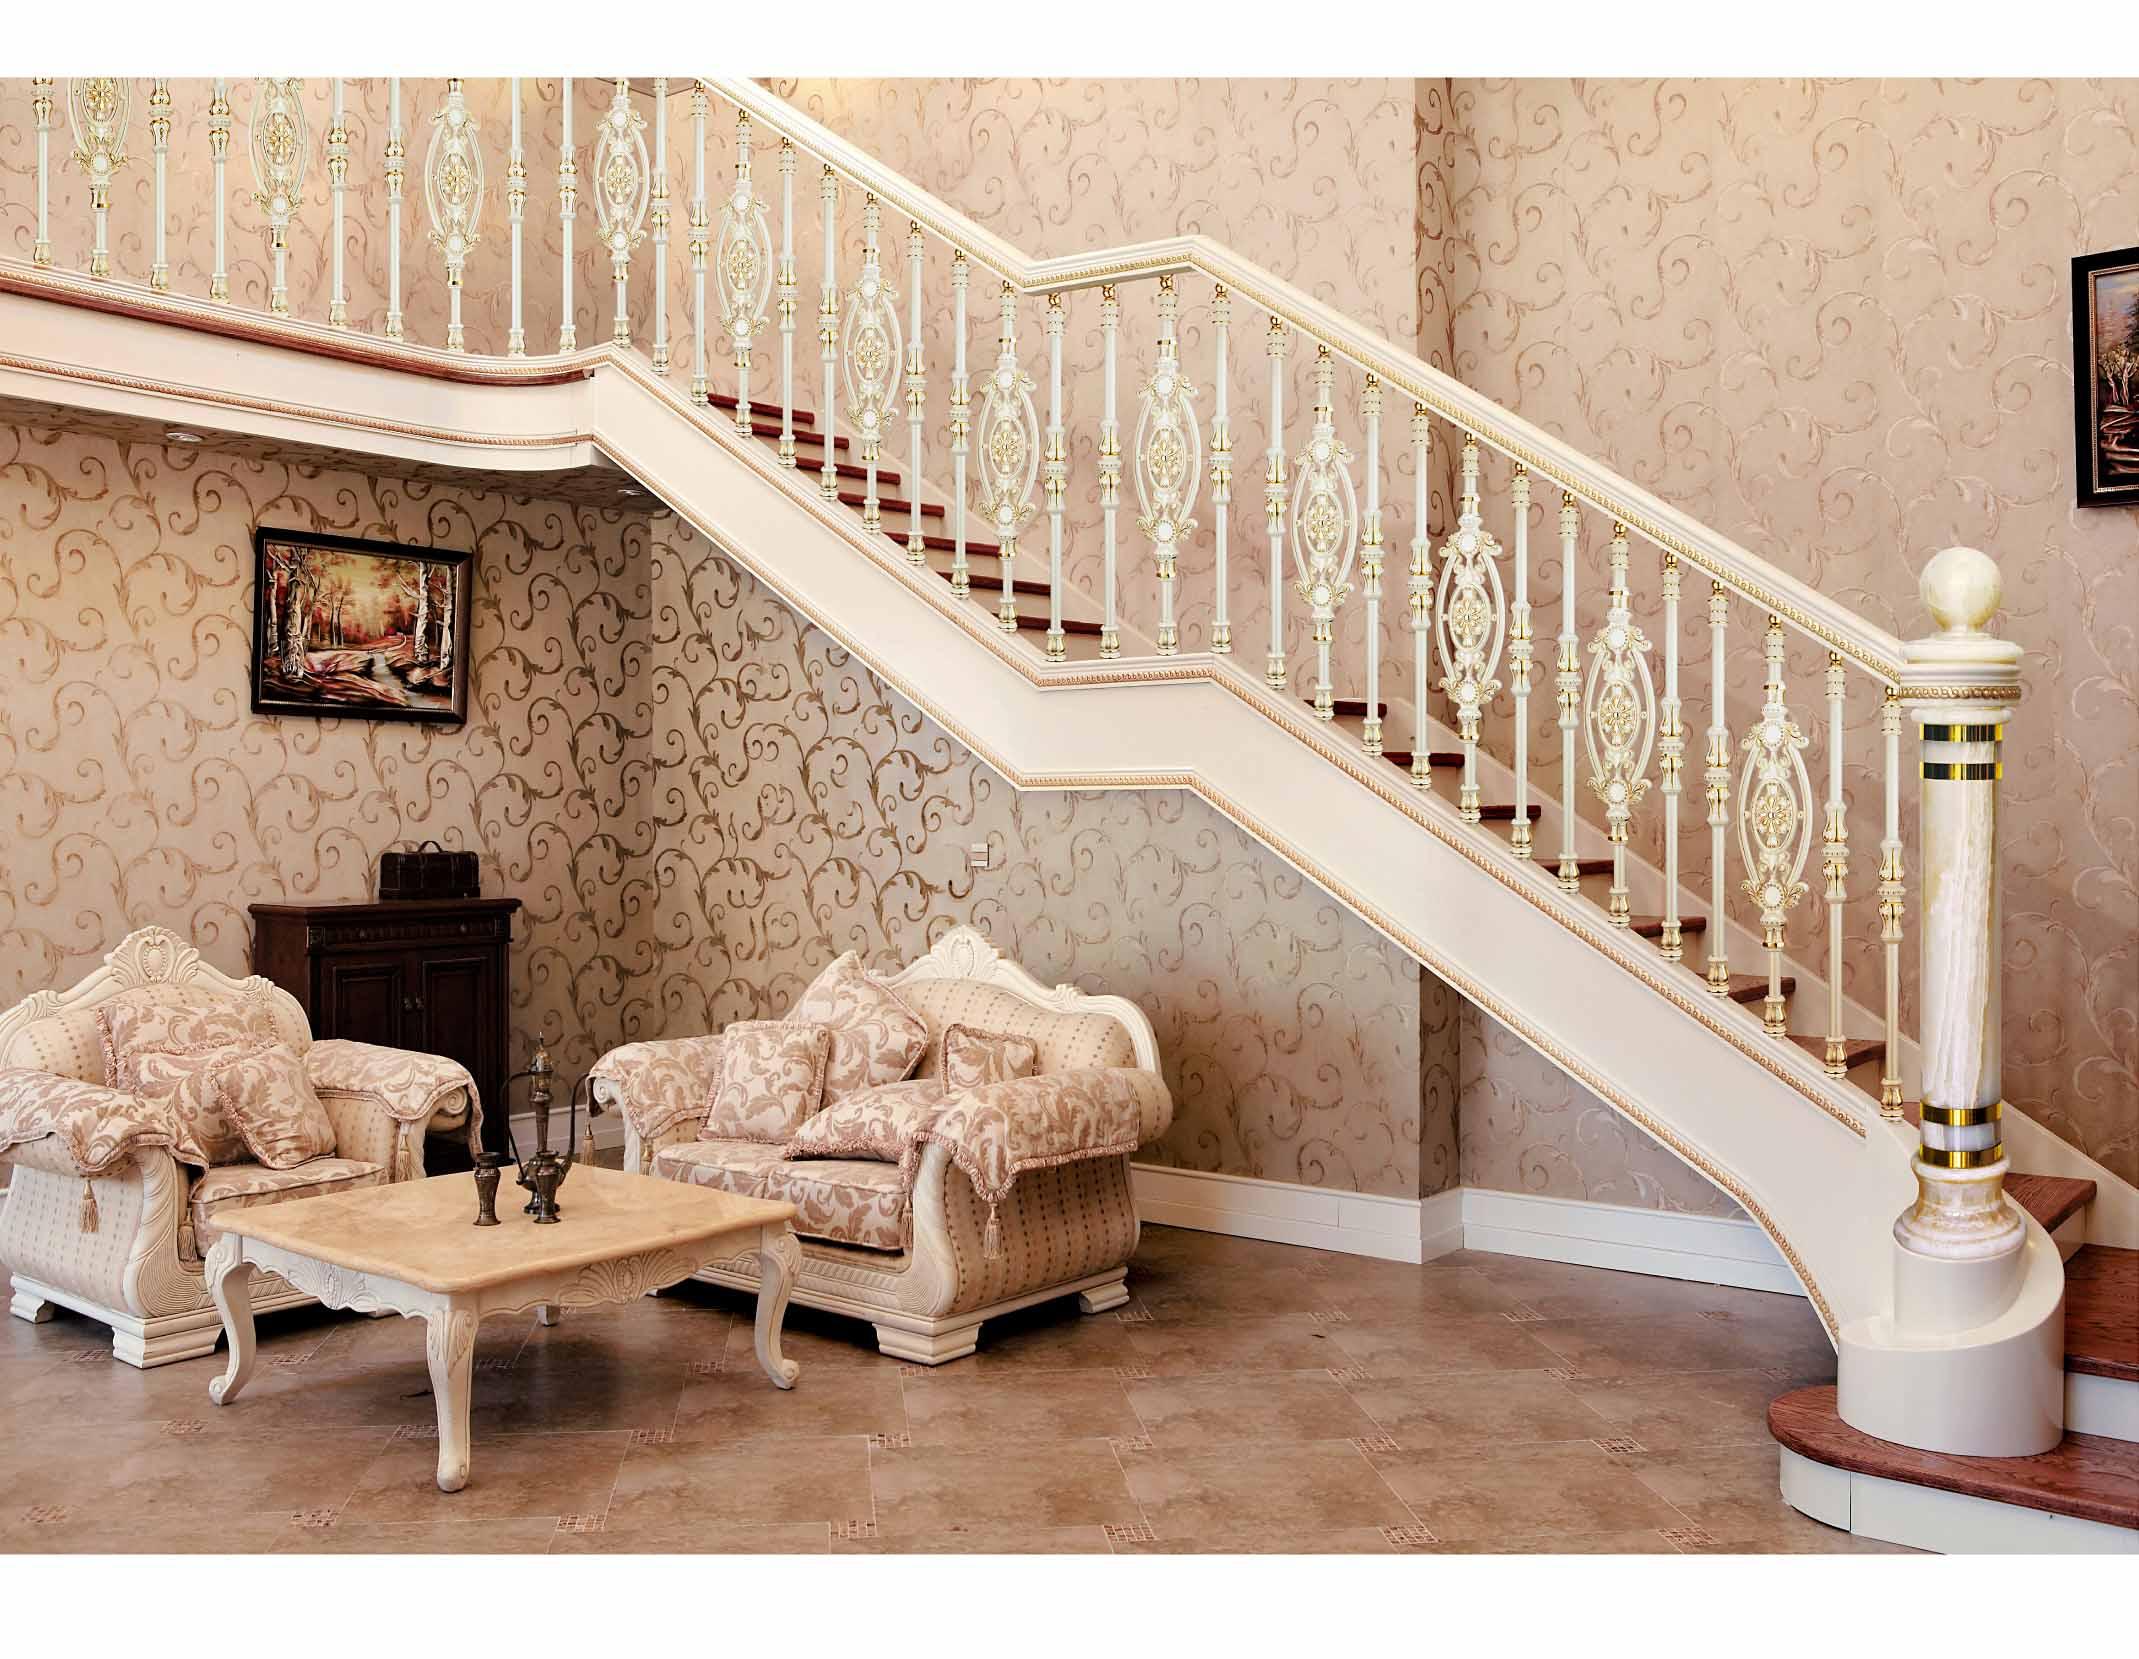 B004慧谷蓝庭/楼梯护栏/金属楼梯/复式豪宅楼梯护栏